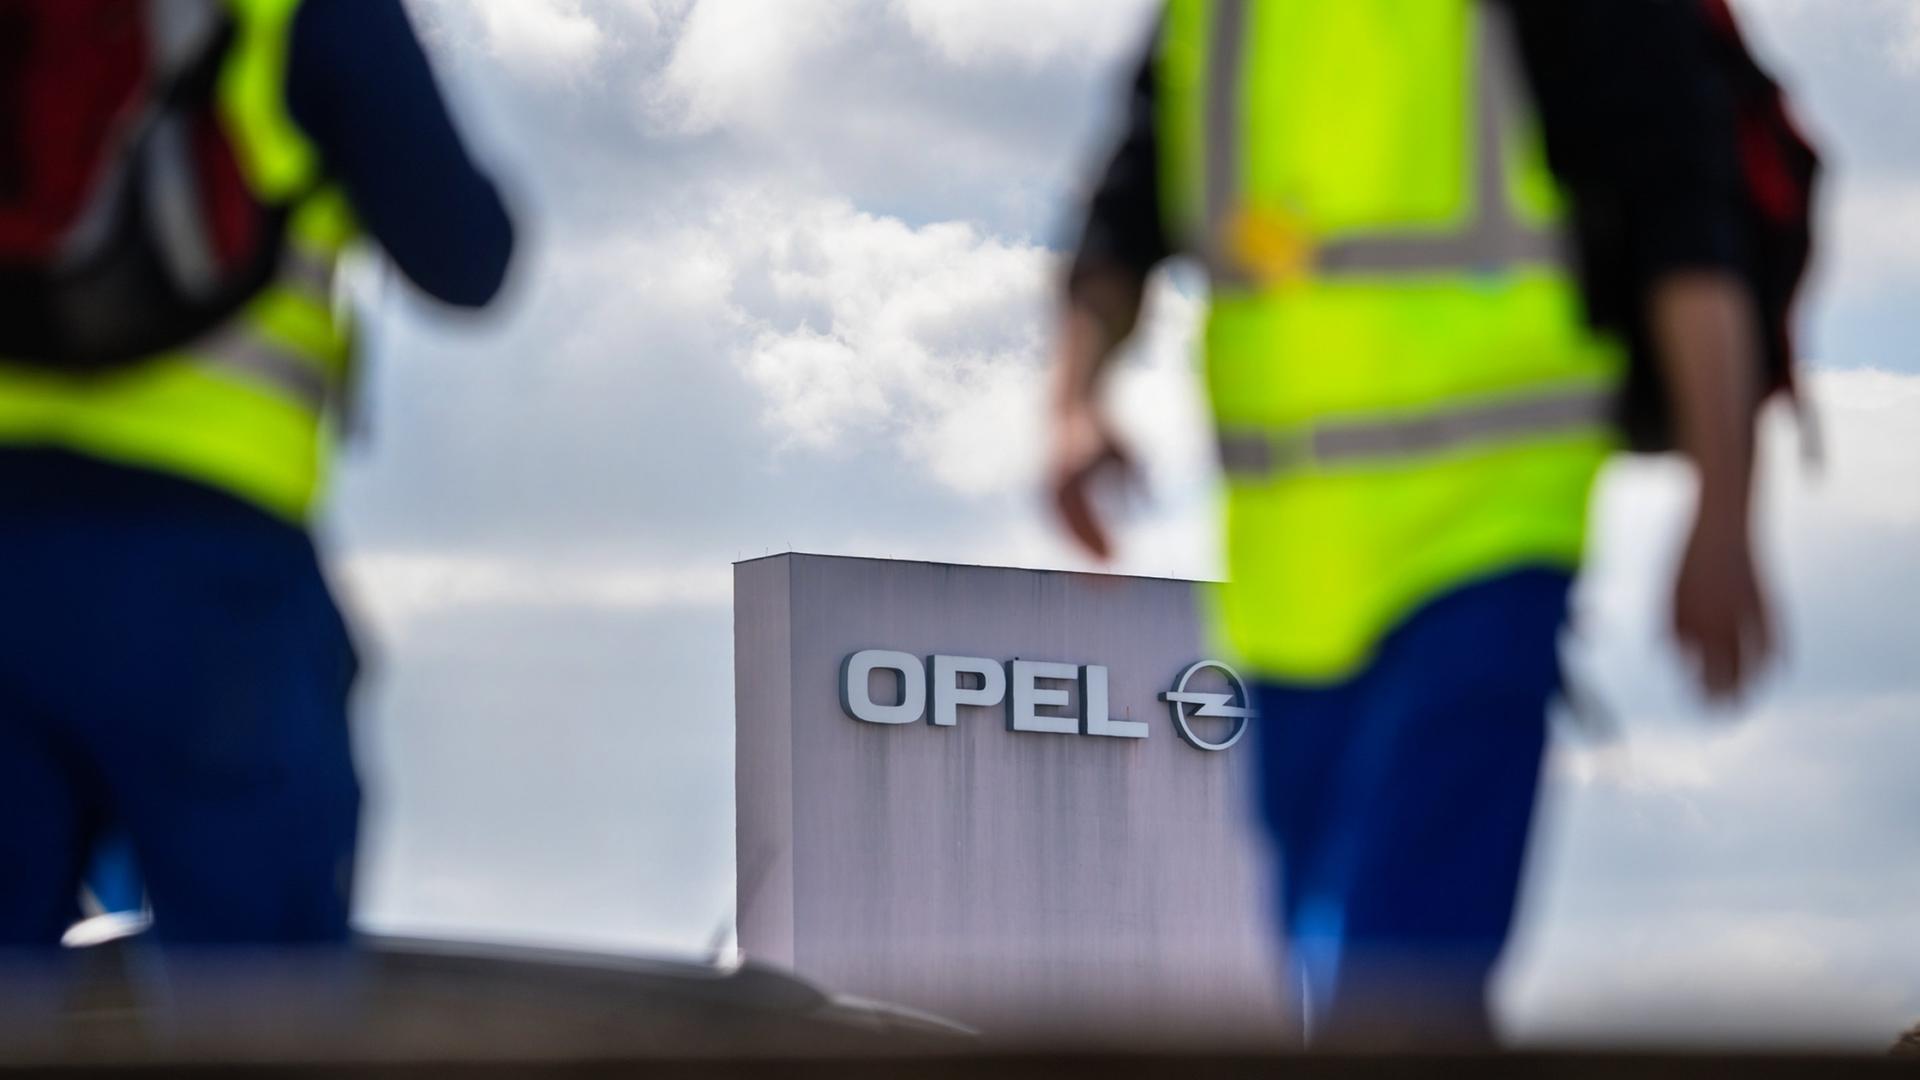 spekulationen um entwicklungszentrum: neuer zoff bei opel - zdfmediathek